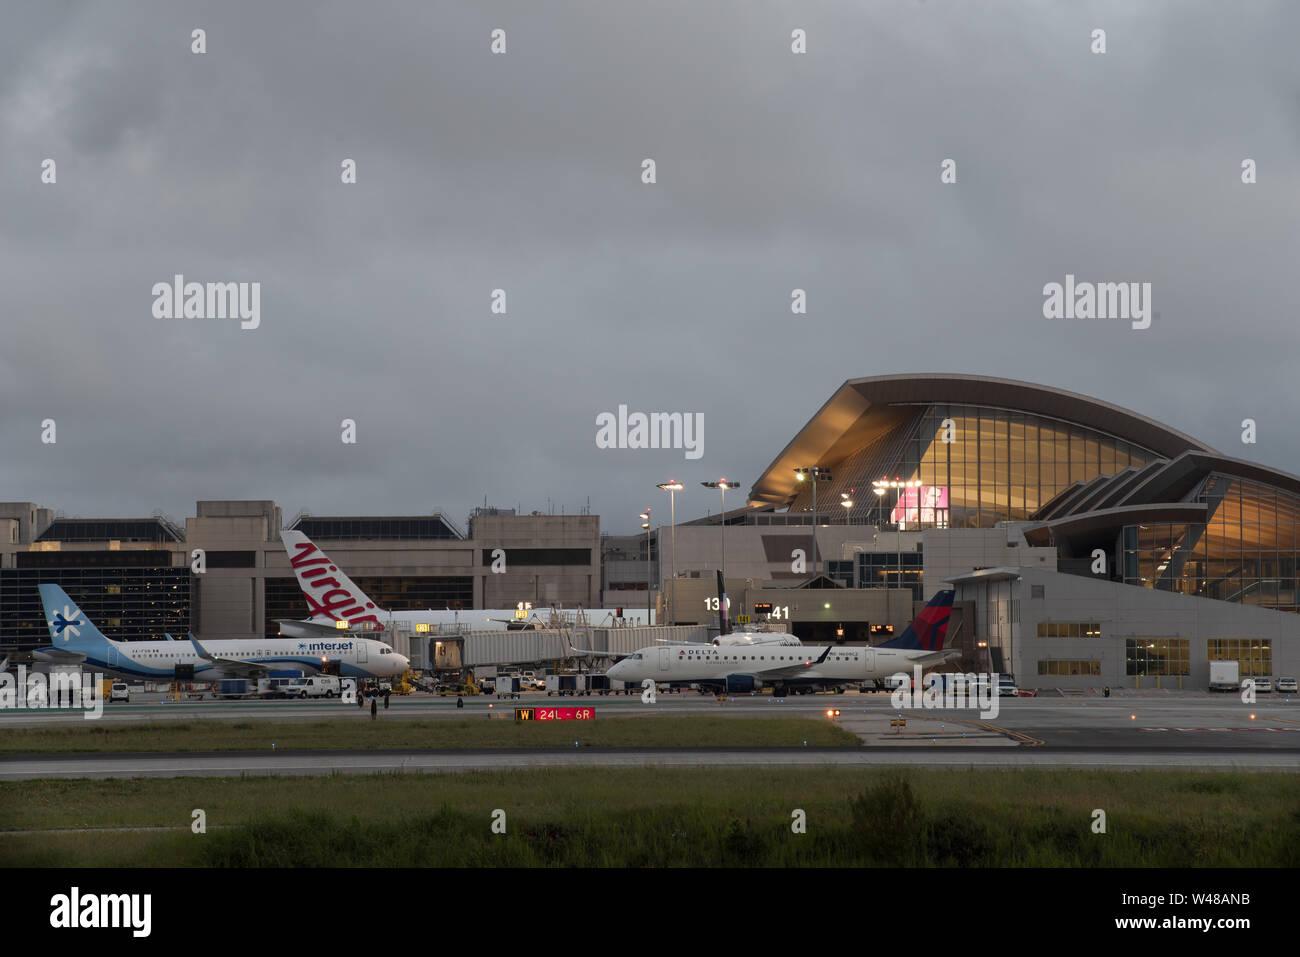 Imagen que muestra la terminal Tom Bradley en el Aeropuerto Internacional de Los Angeles, LAX. Foto de stock